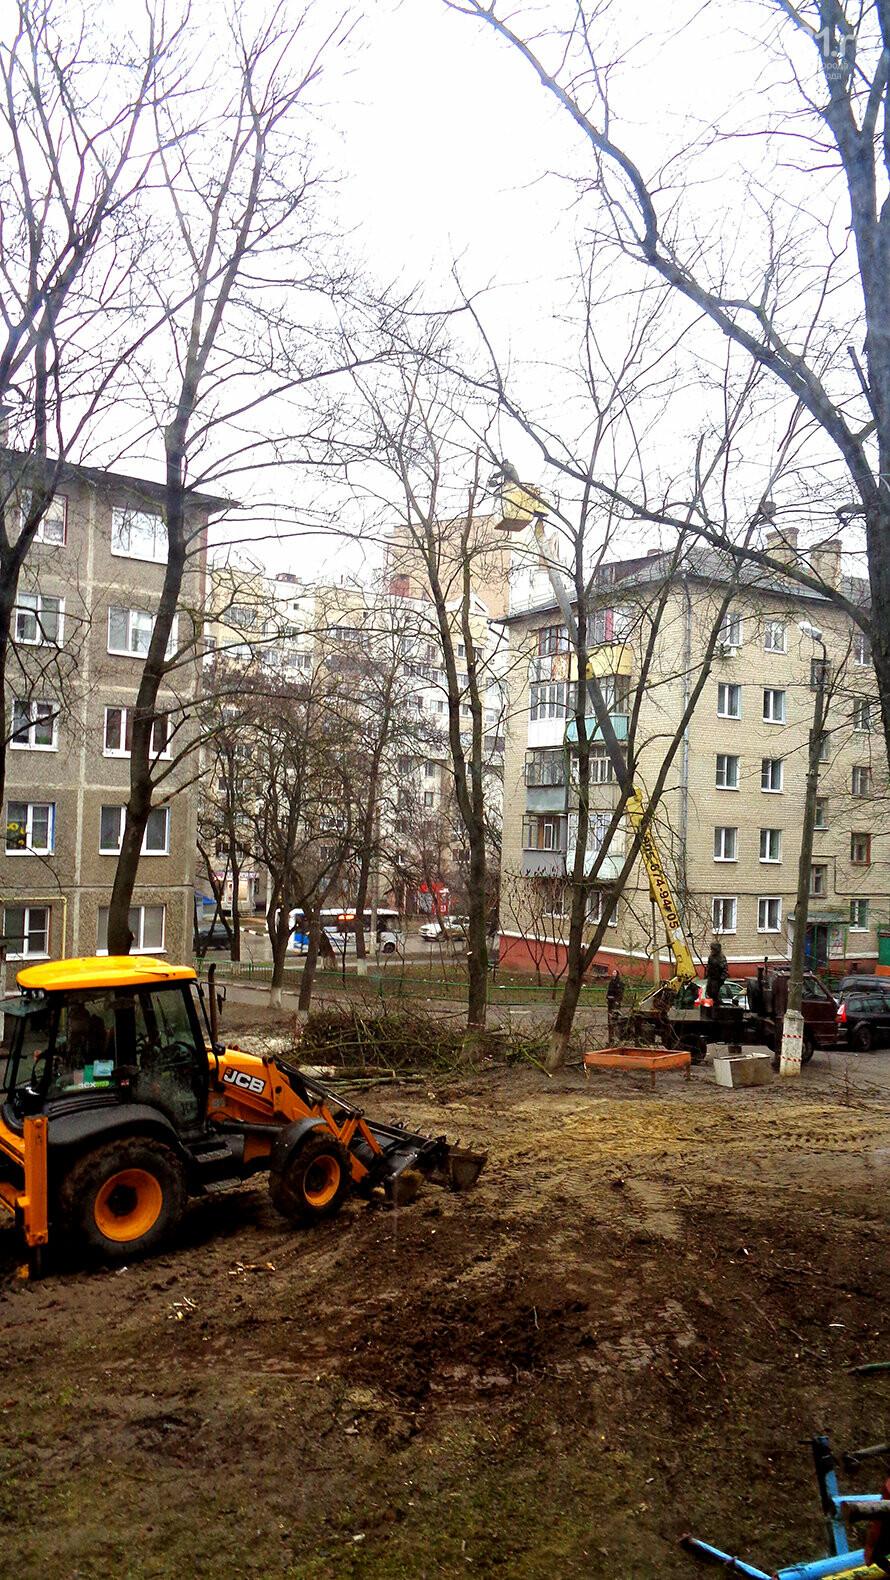 Жители Белгорода возмущены вырубкой деревьев во дворе многоэтажки, фото-2